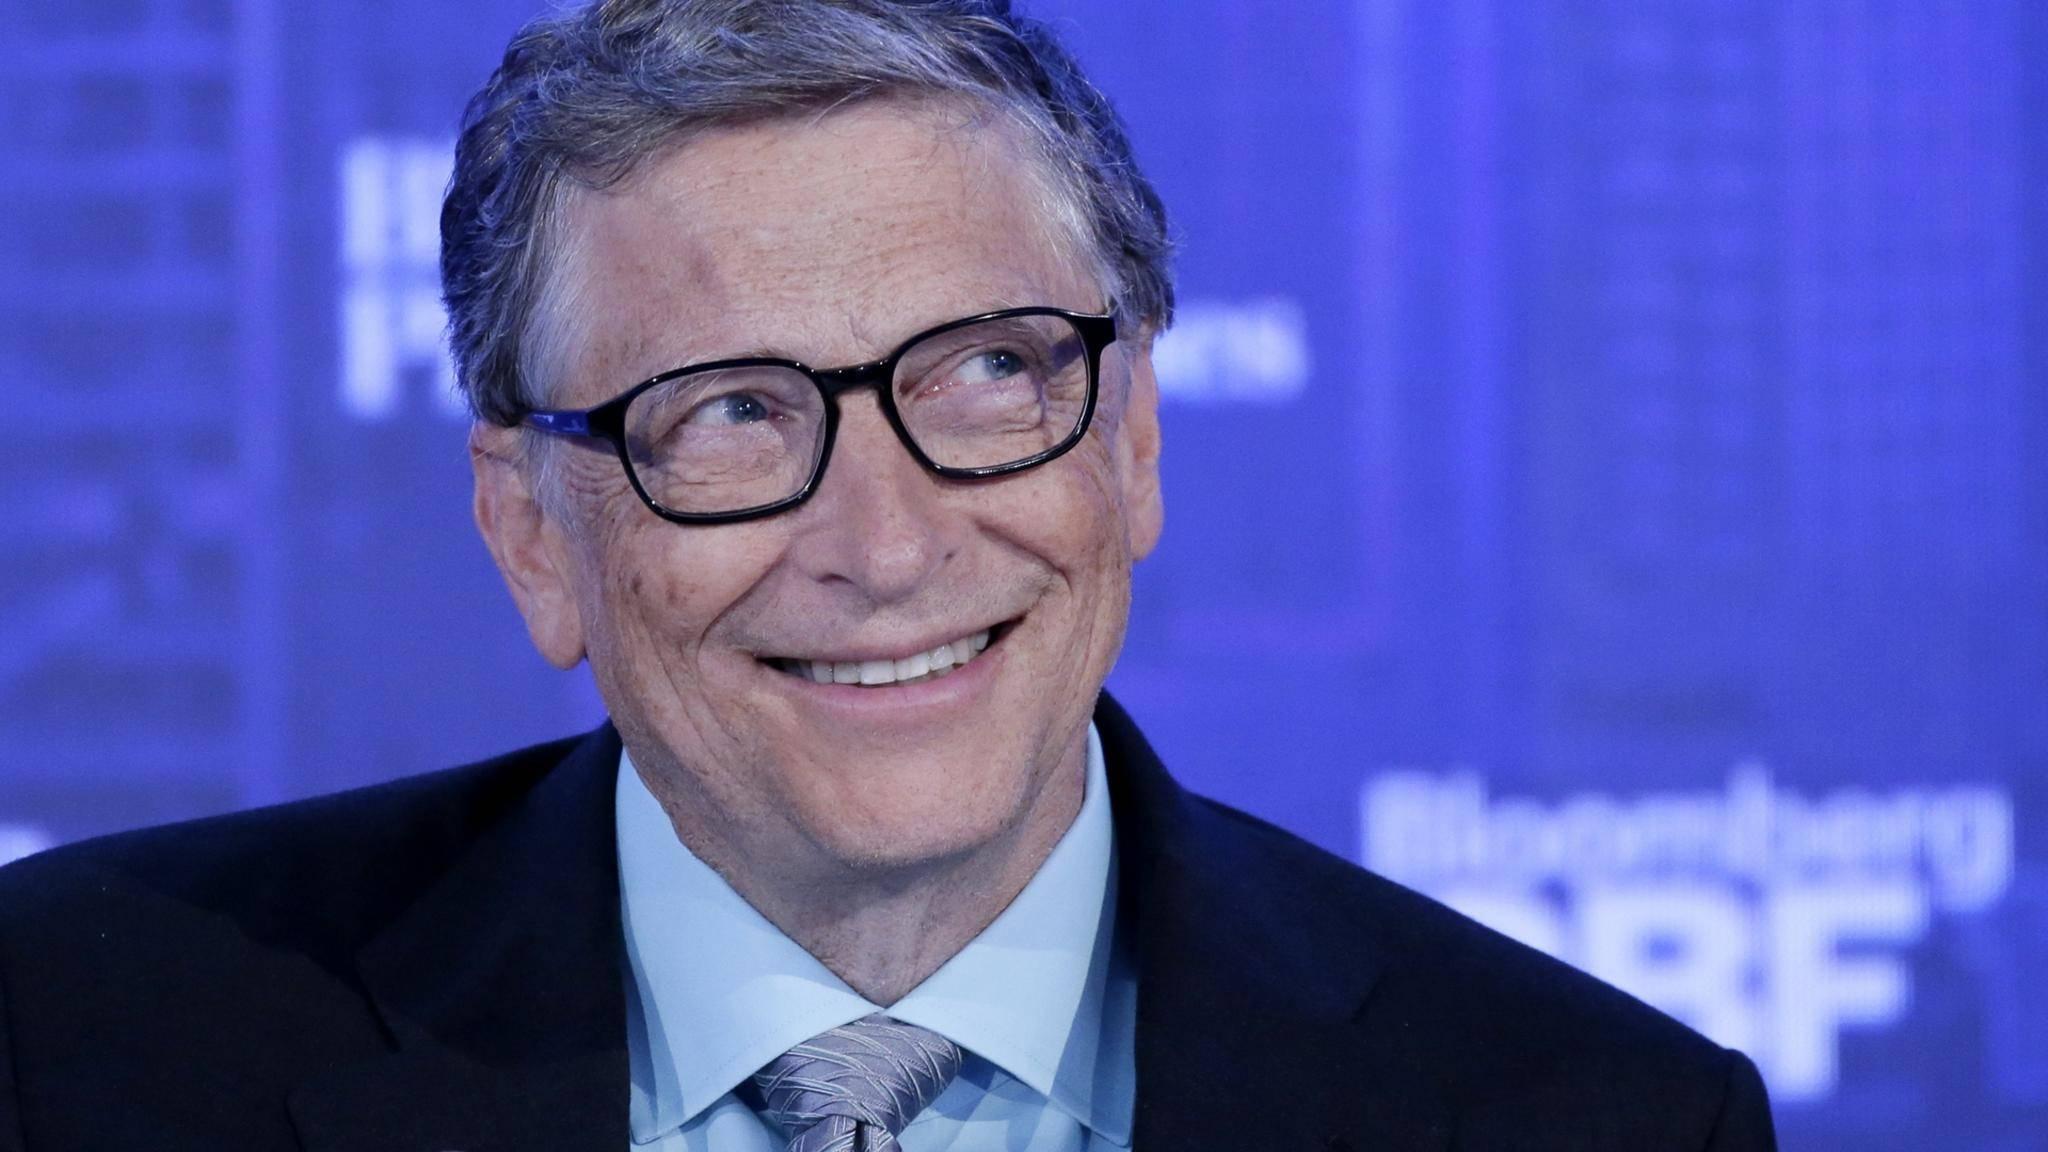 Bill Gates ist abtrünnig geworden und nutzt jetzt auch Android.